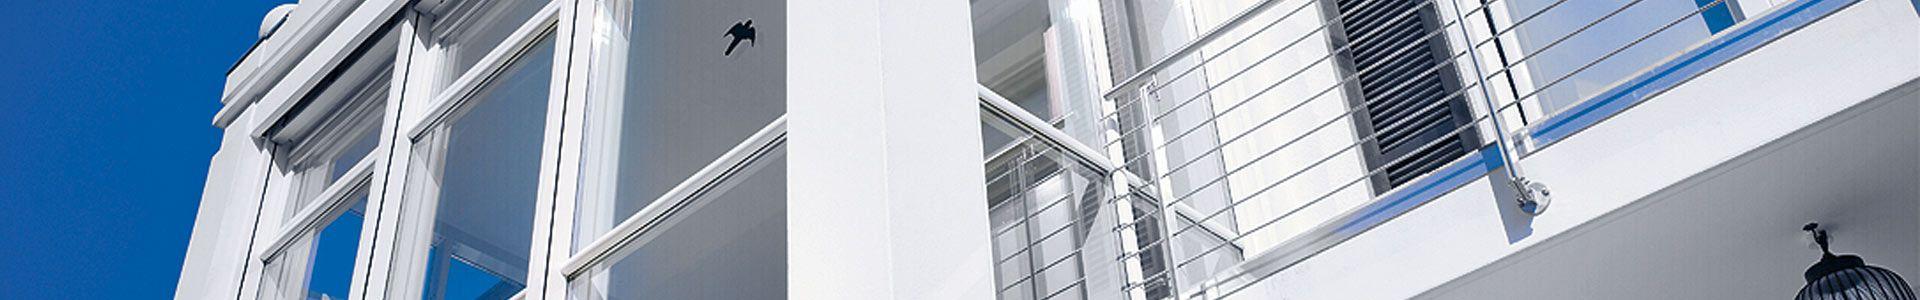 sicherheit fenster haust ren innenausbau bayreuth. Black Bedroom Furniture Sets. Home Design Ideas